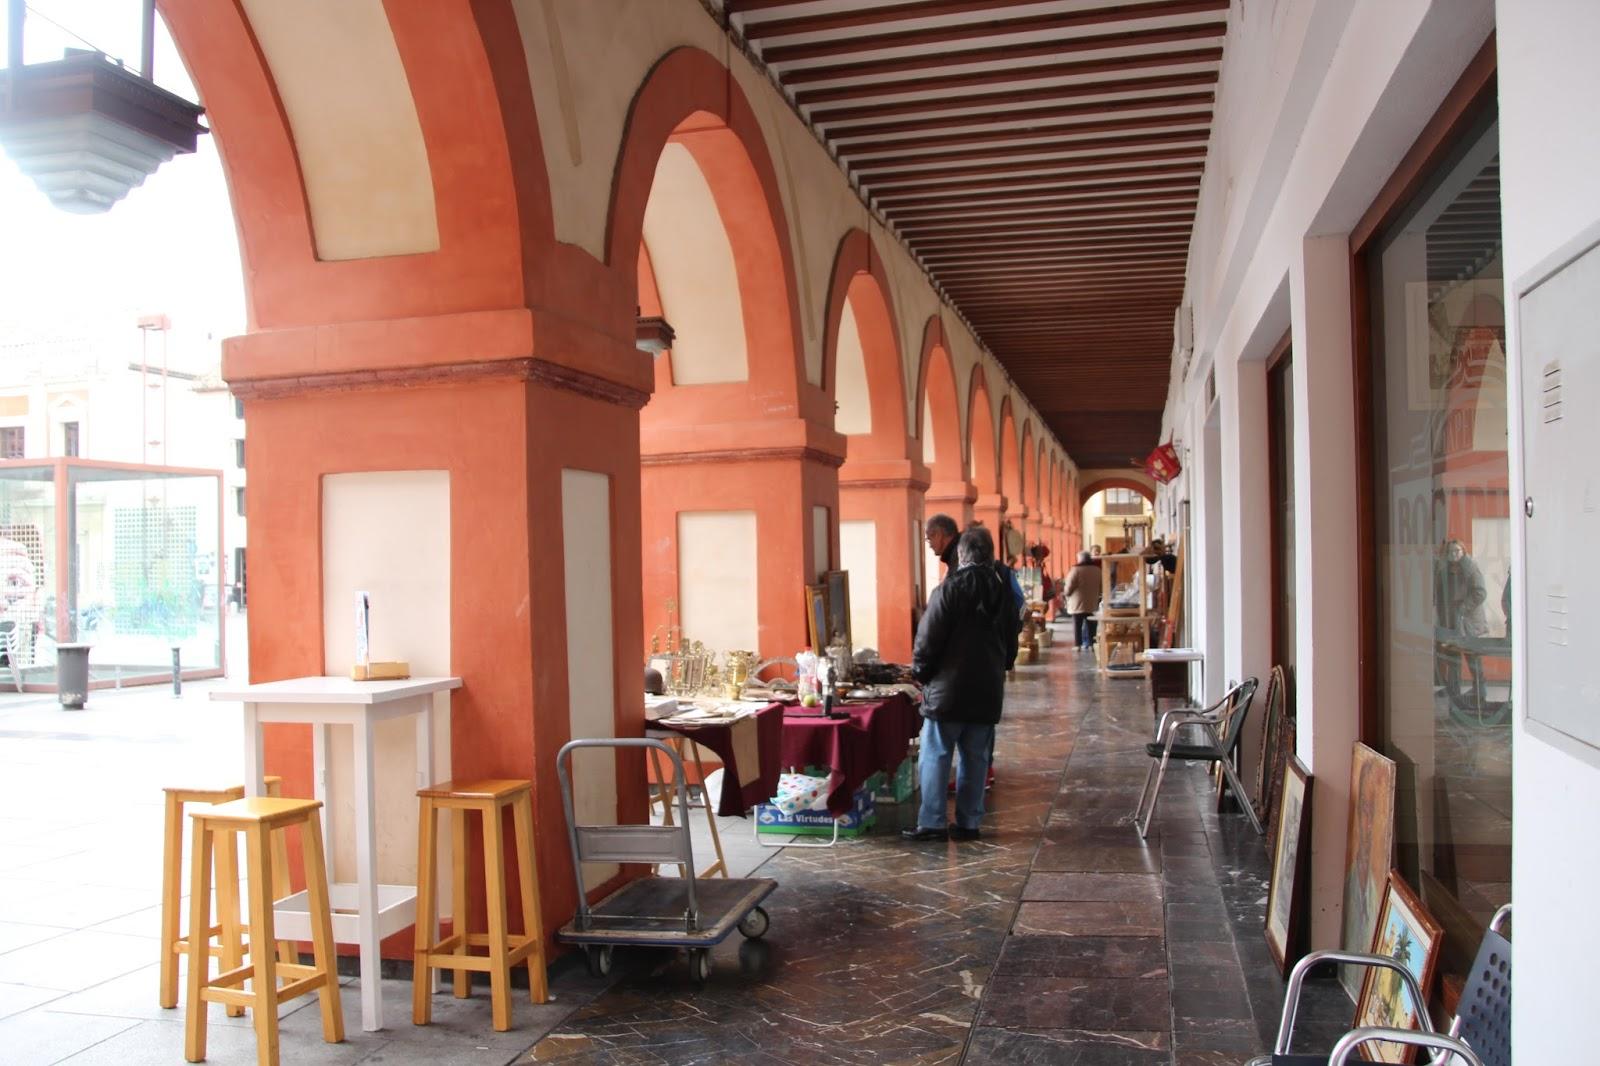 Historia y genealog a plaza de la corredera c rdoba - Altos del toril ...